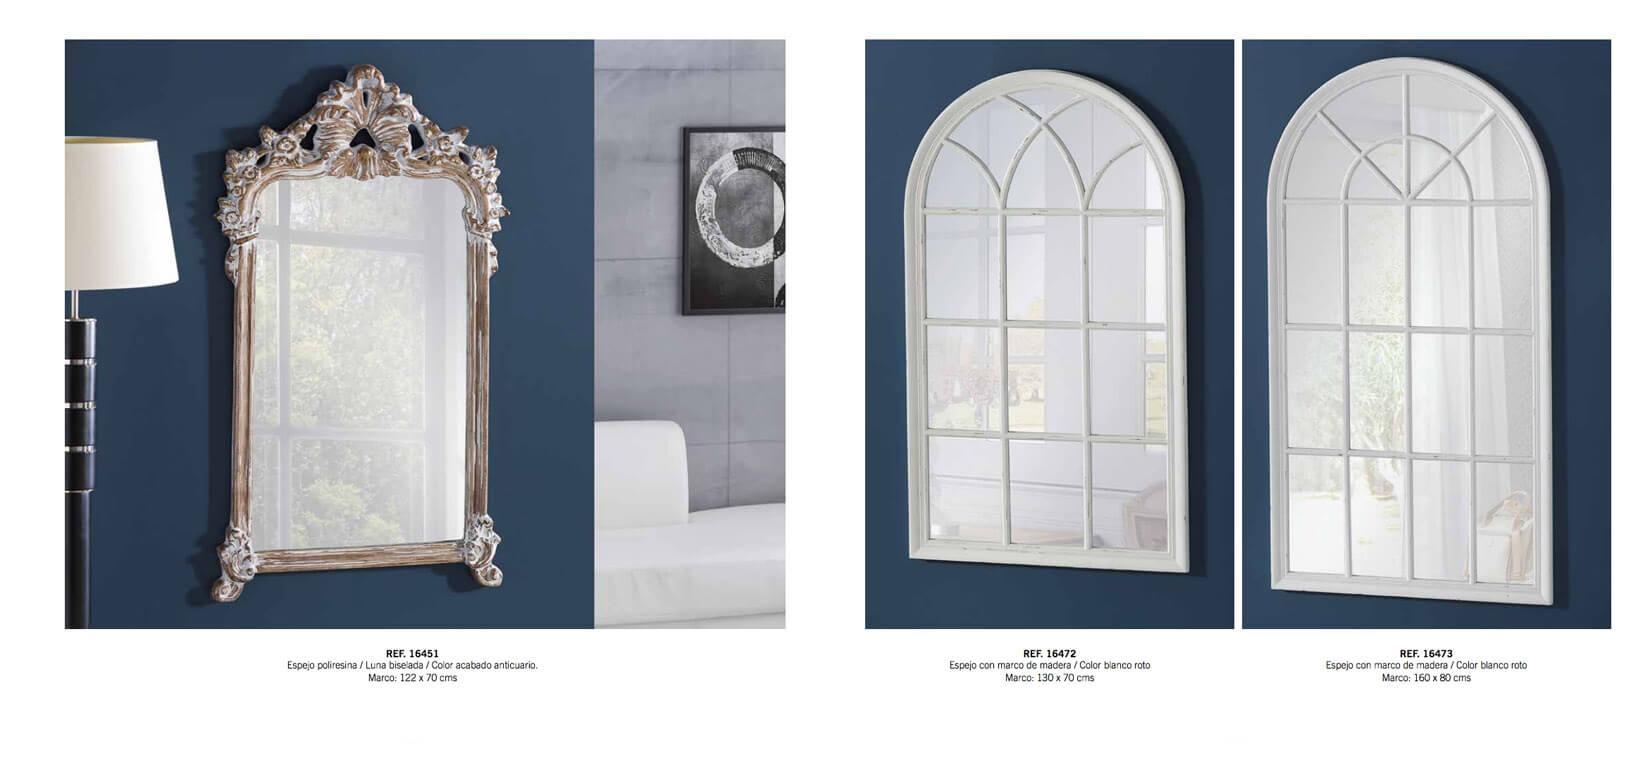 Interiorismo Espejos GYC - Ref. 0013